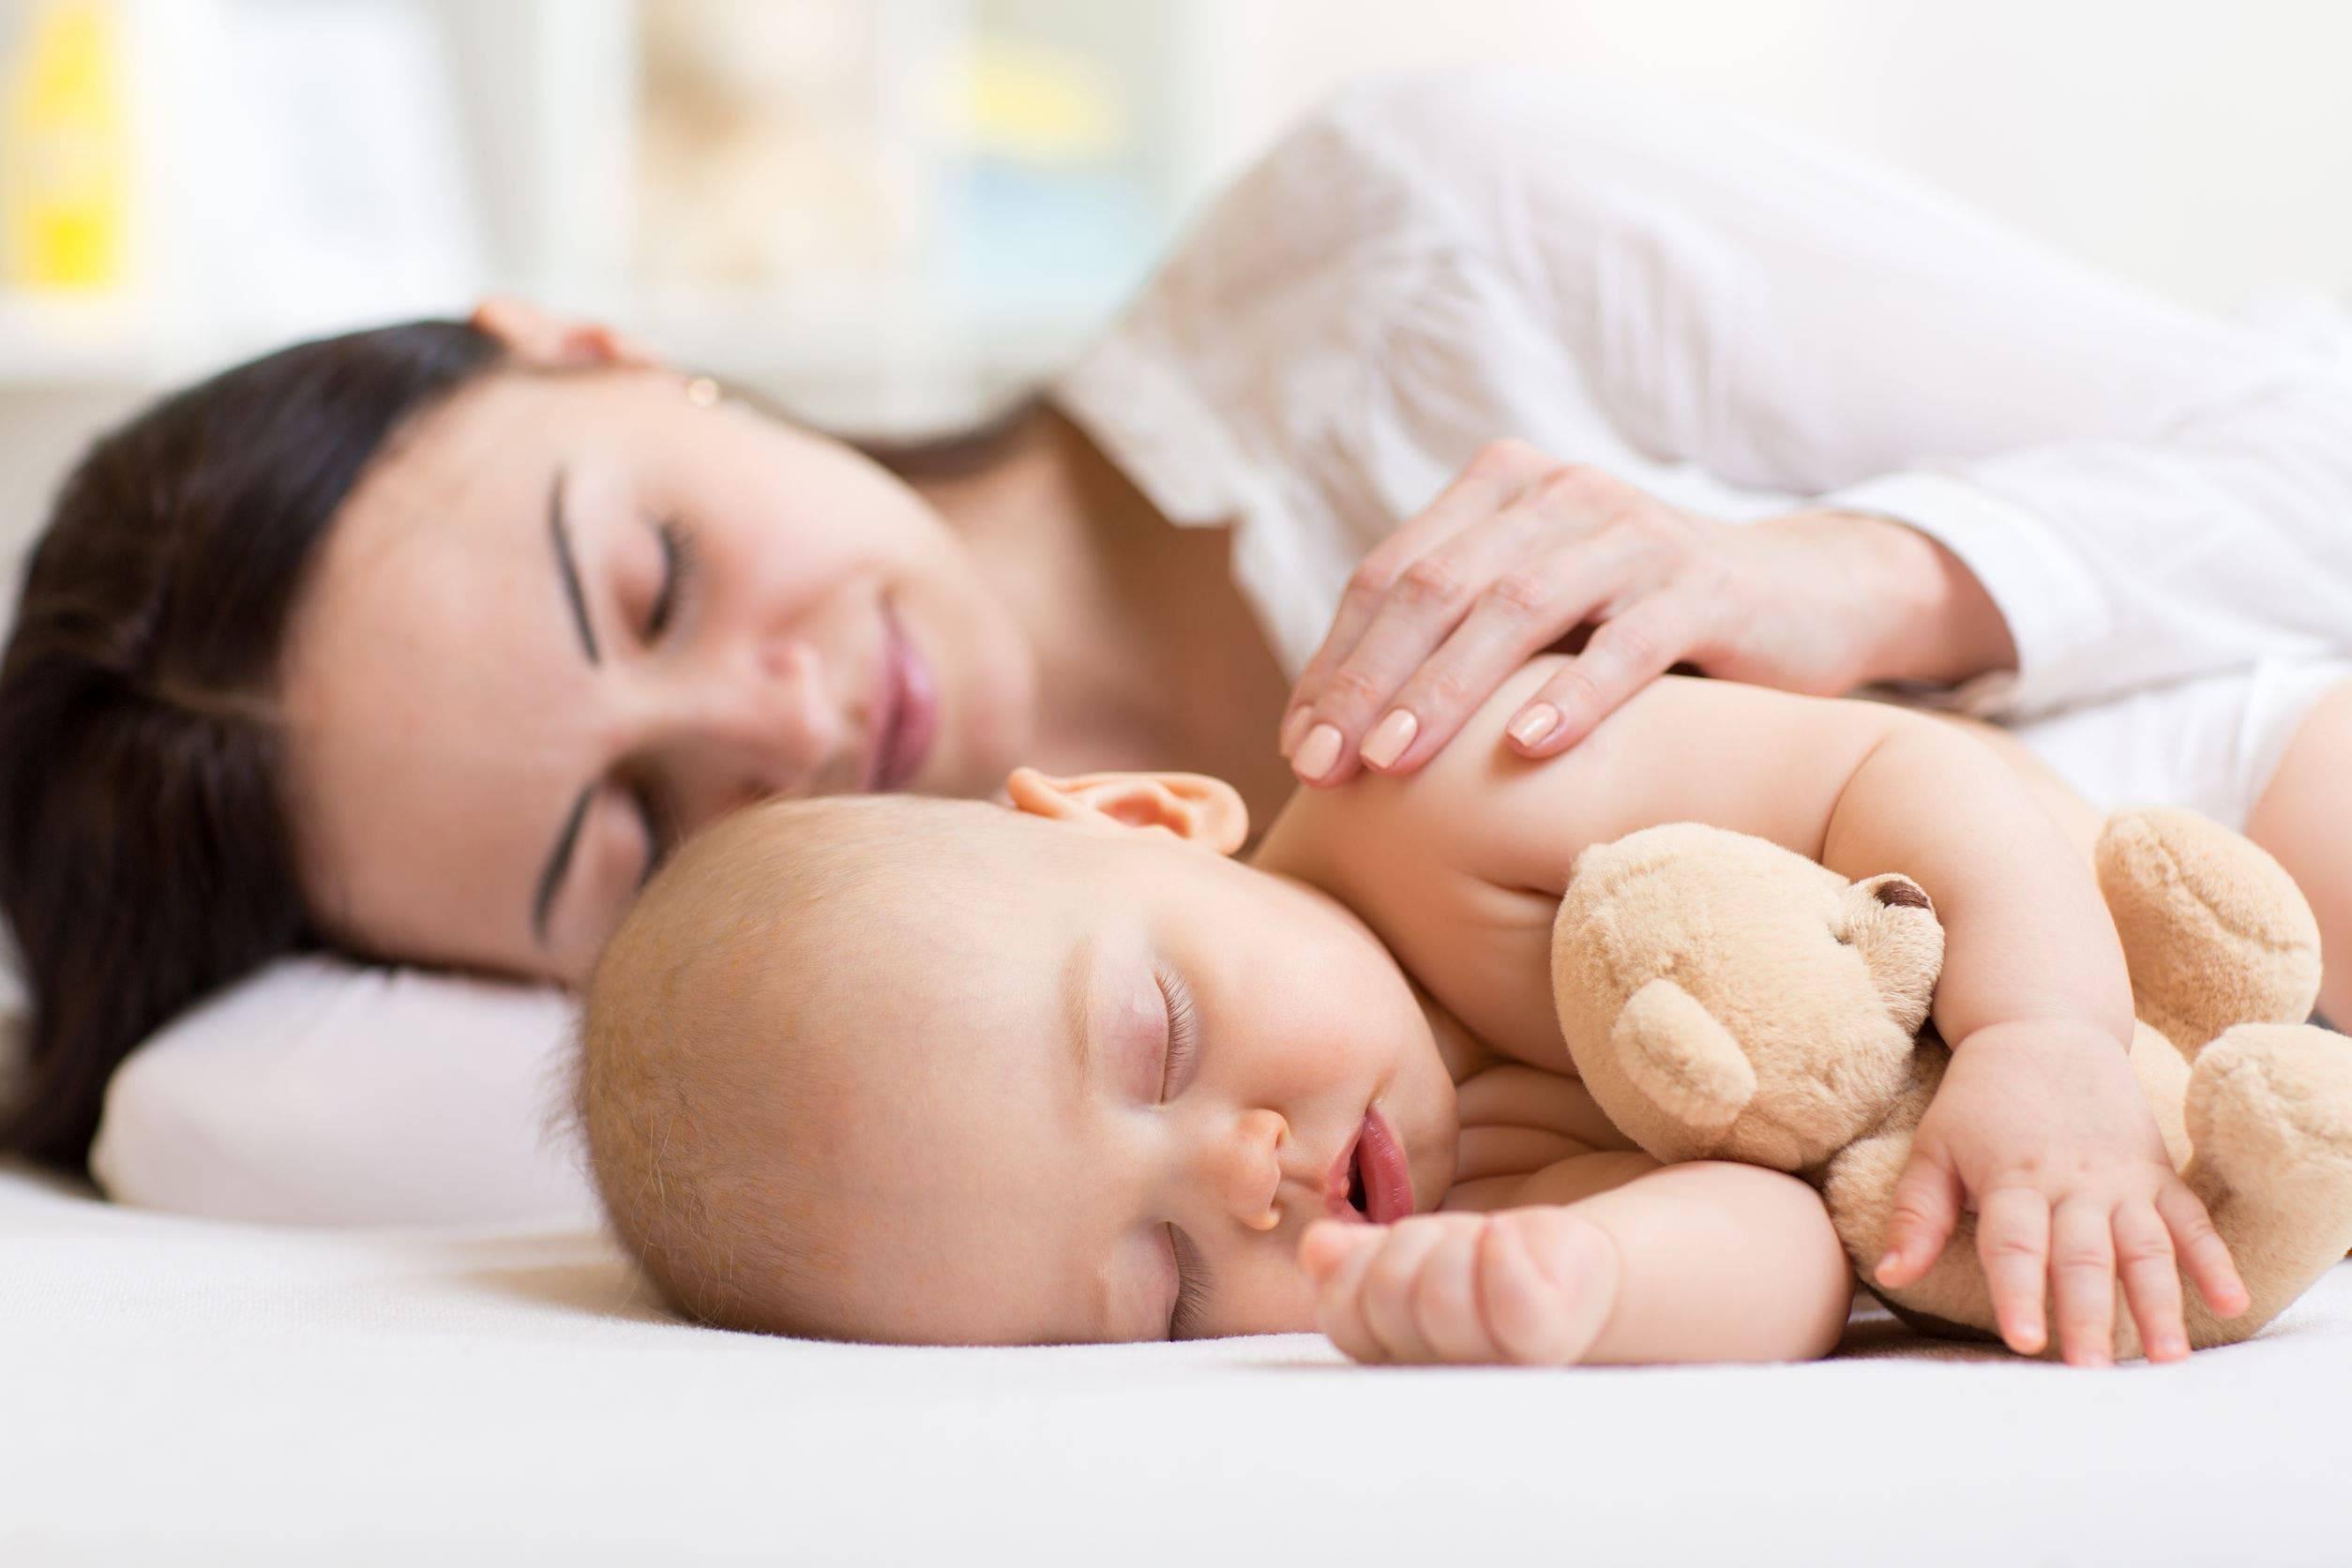 Совместный сон с ребенком: за и против, советы молодым родителям